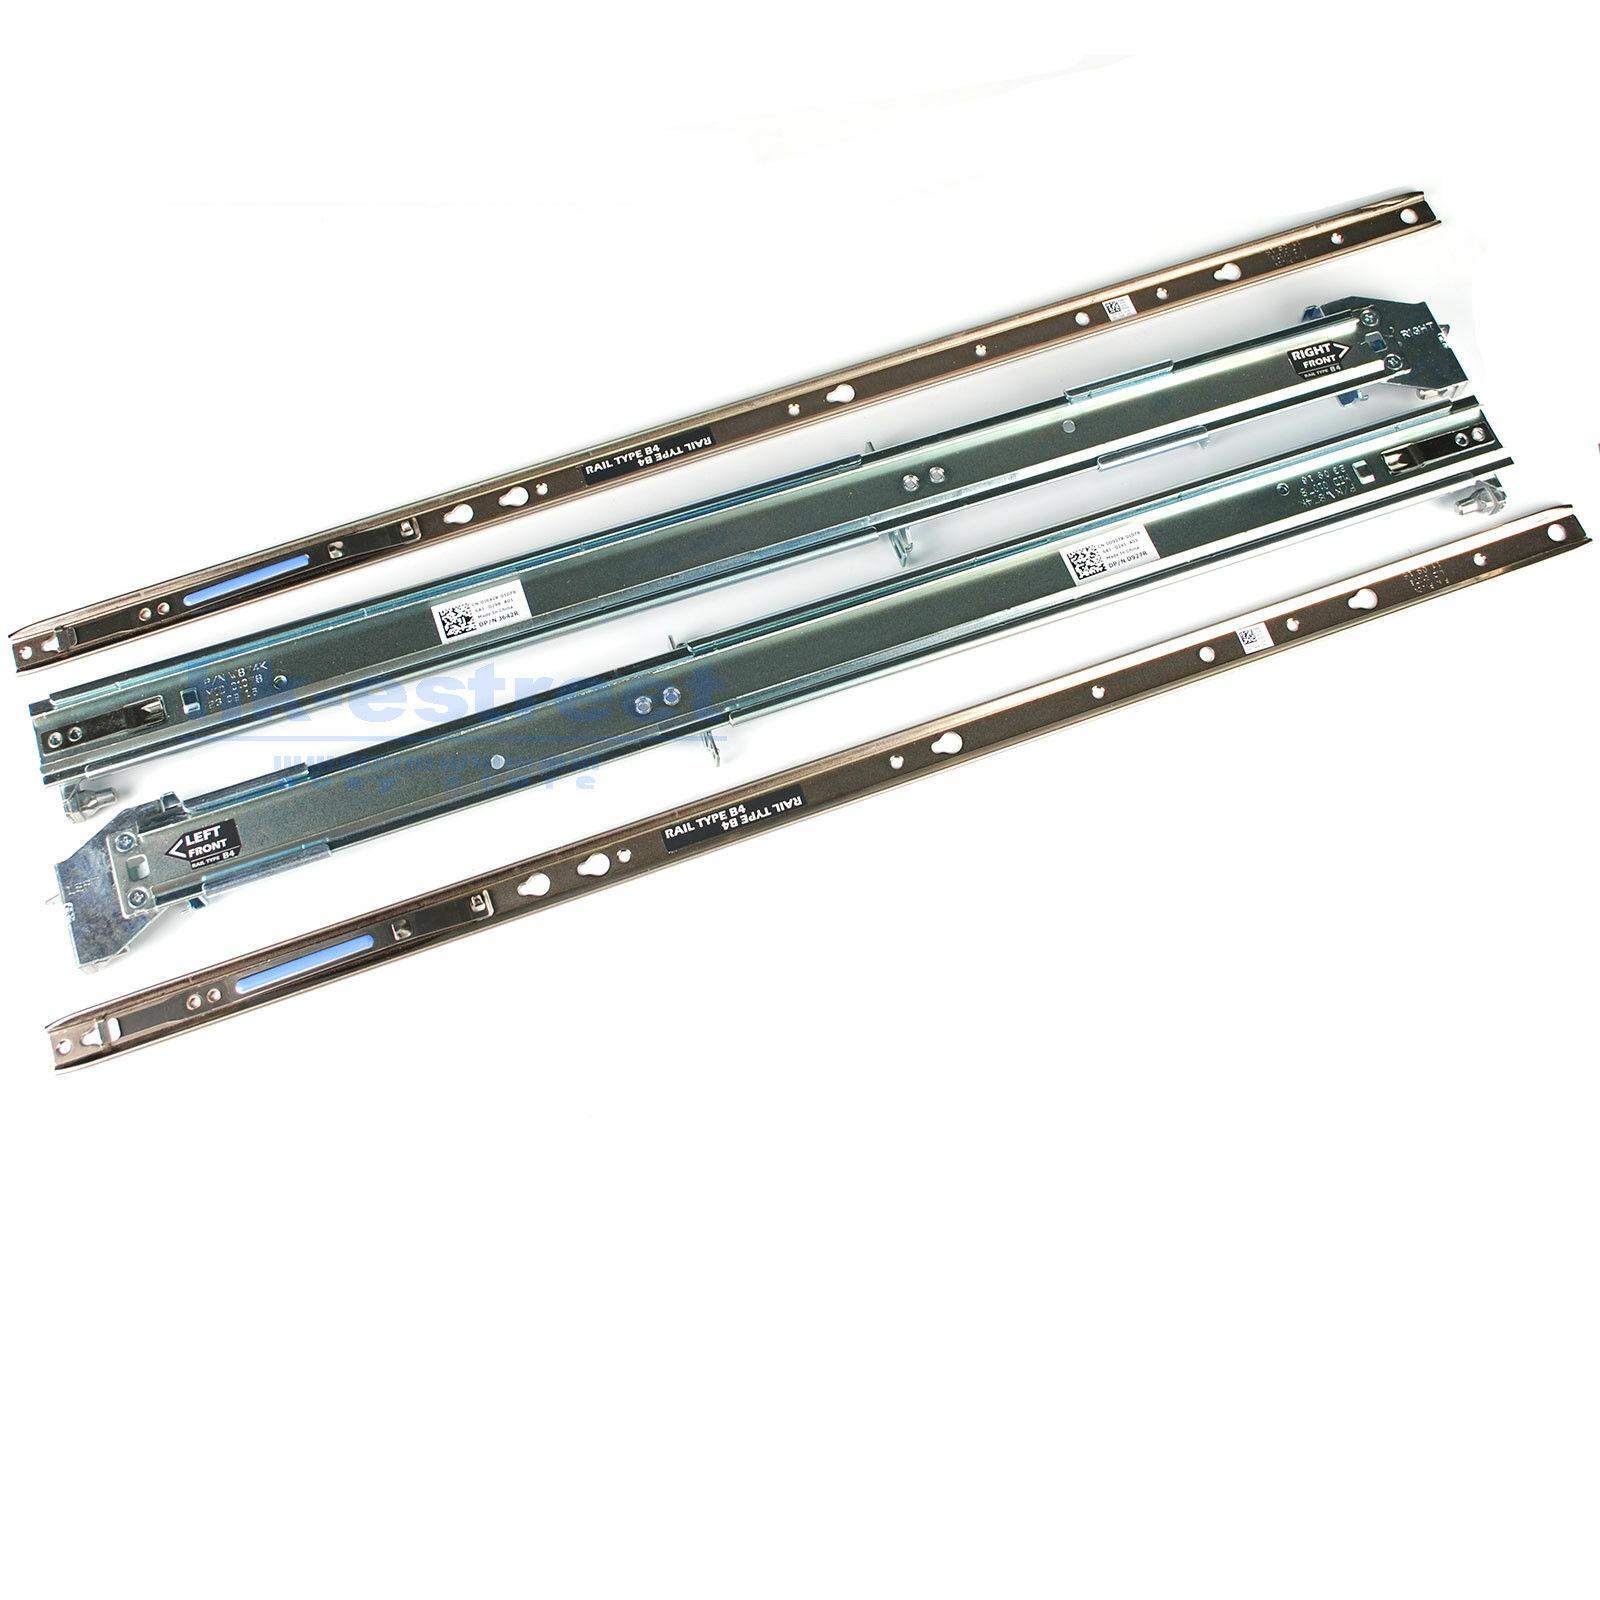 D972R Dell PowerEdge R510 R515 R520 R720 R730 2U Ready Rail Kit